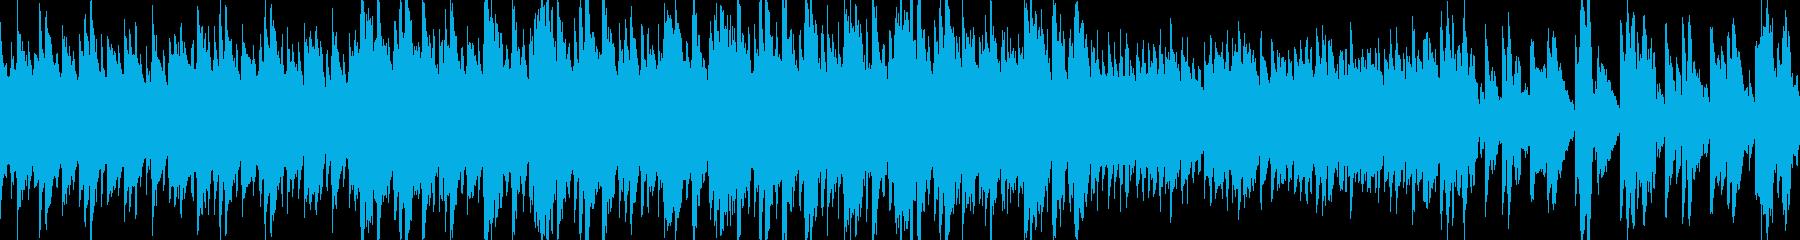 優しい音のポップで愉快なループBGMの再生済みの波形